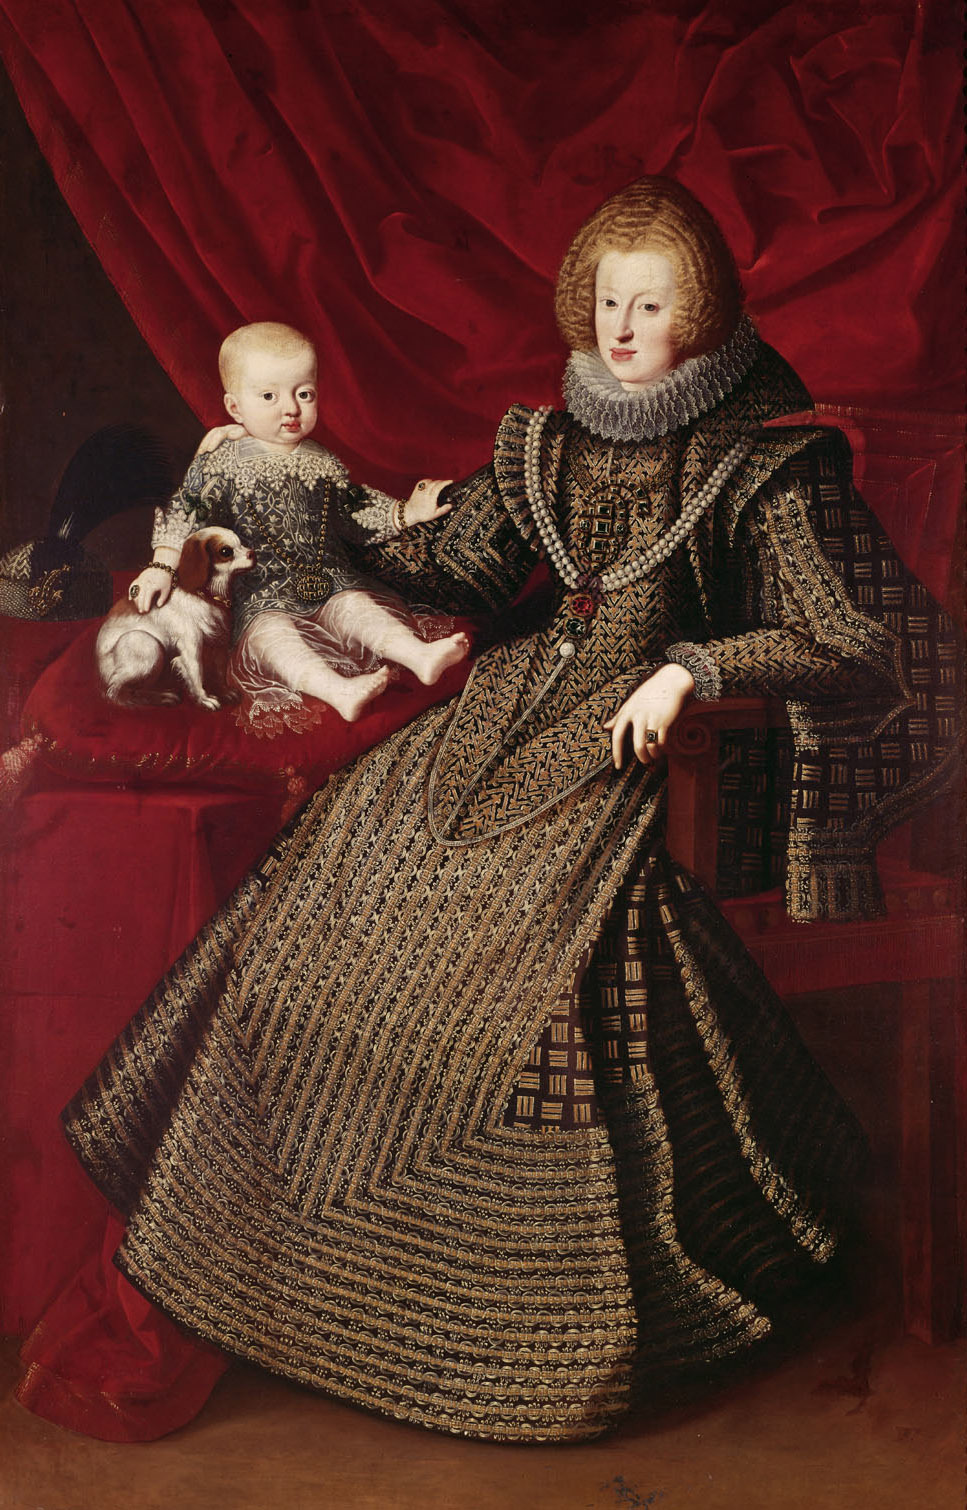 Infantin Maria Anna (1606-1646), Kaiserin, in ganzer Figur mit ihrem erstgeborenen Sohn Ferdinand (1633-1654) von Österreichisch